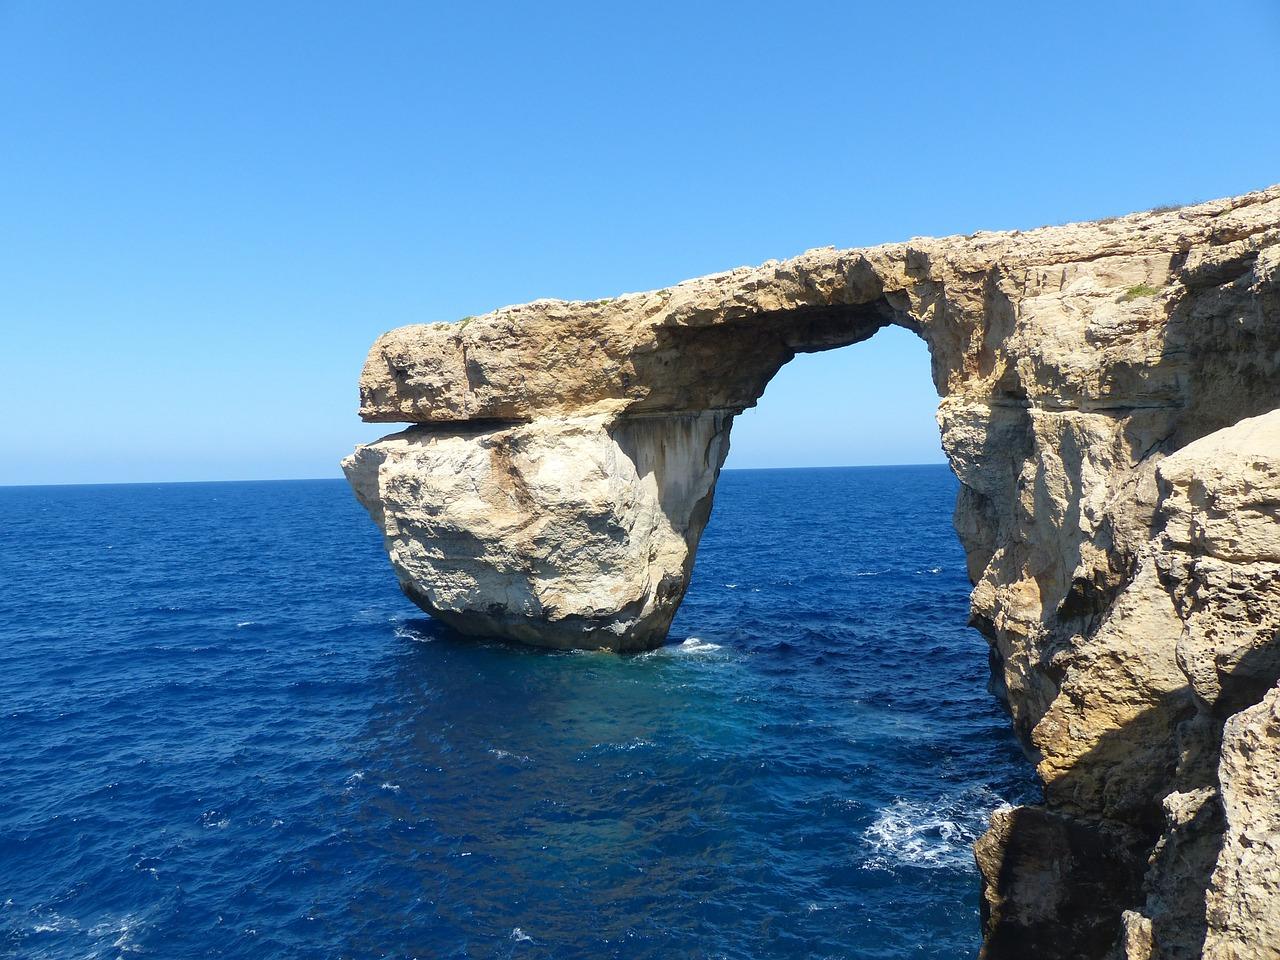 Activités à découvrir à Malte